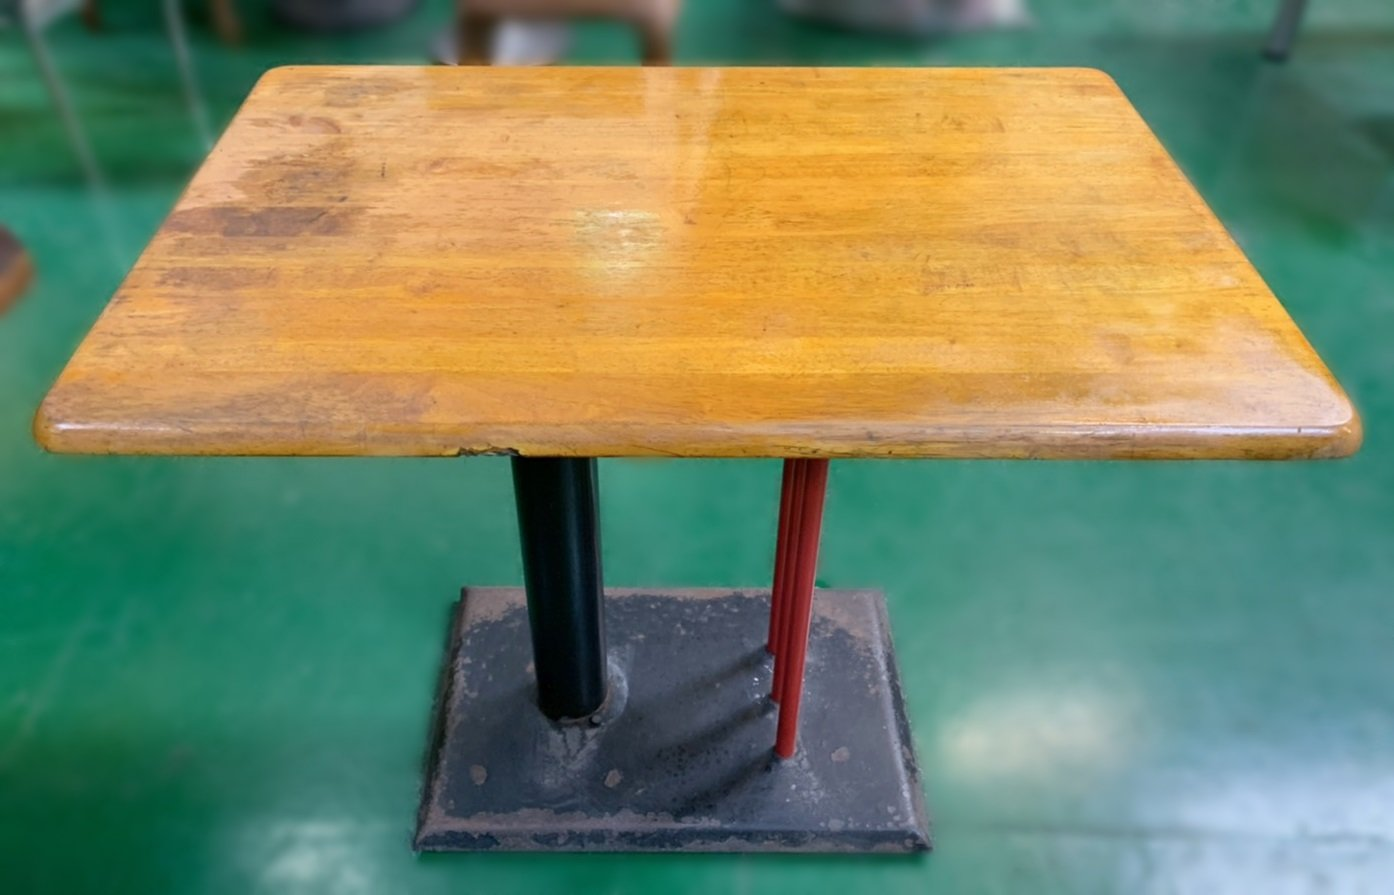 宏品二手家具 全新中古傢俱家電 E121006*營業用餐桌 休閒桌*二手桌椅 辦公桌 電腦桌書桌 台北桃園台中彰化